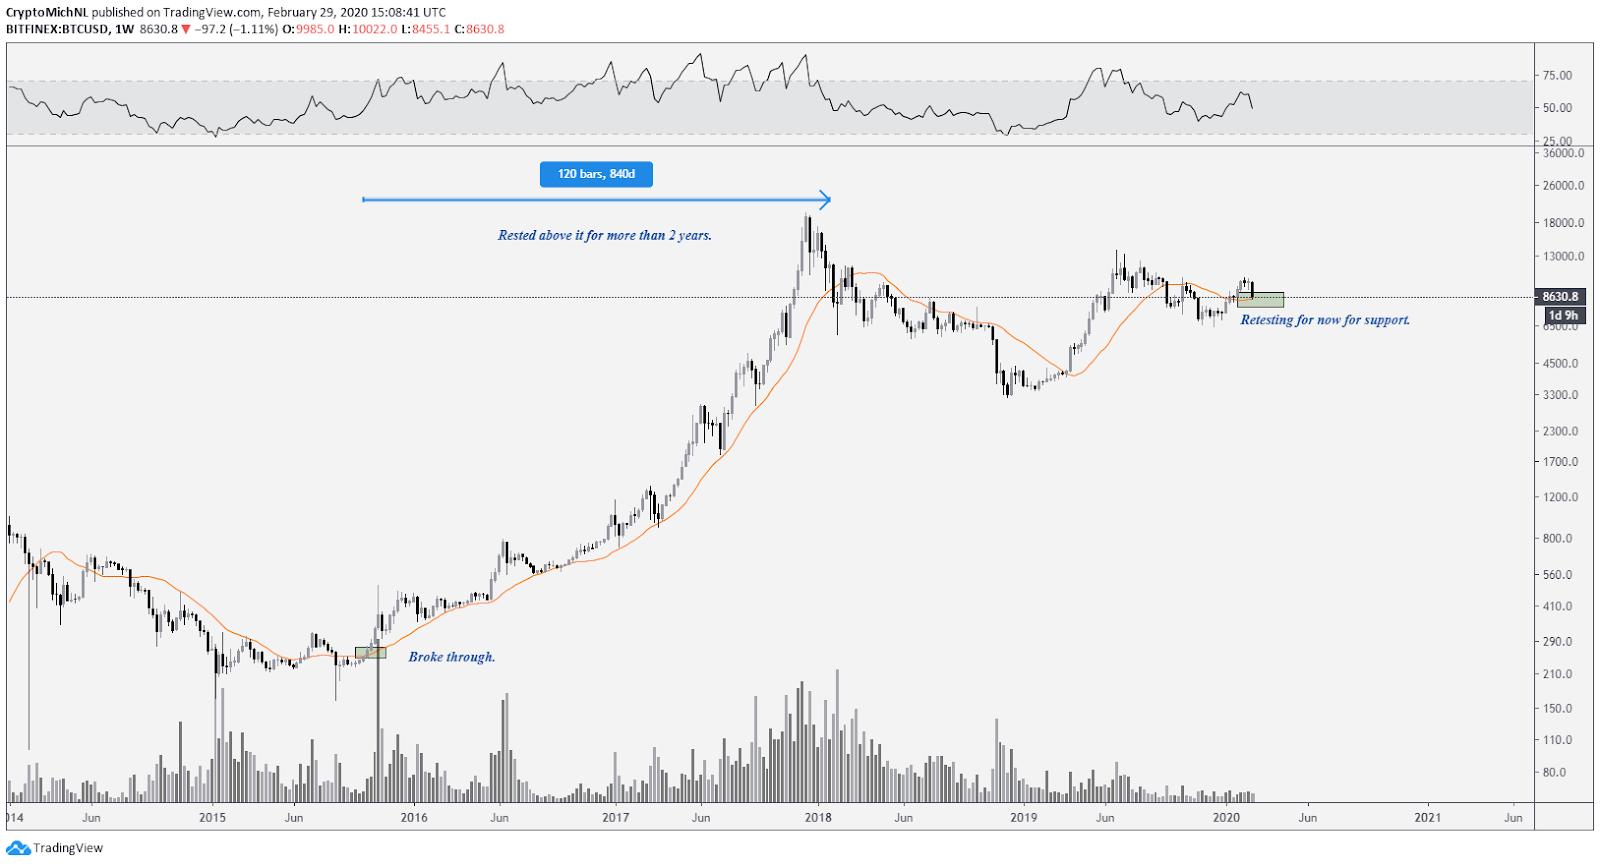 ราคา Bitcoin ร่วง $1,400 ภายในสัปดาห์เดียว ตลาดกลับสู่ตลาดหมีหรือยัง?